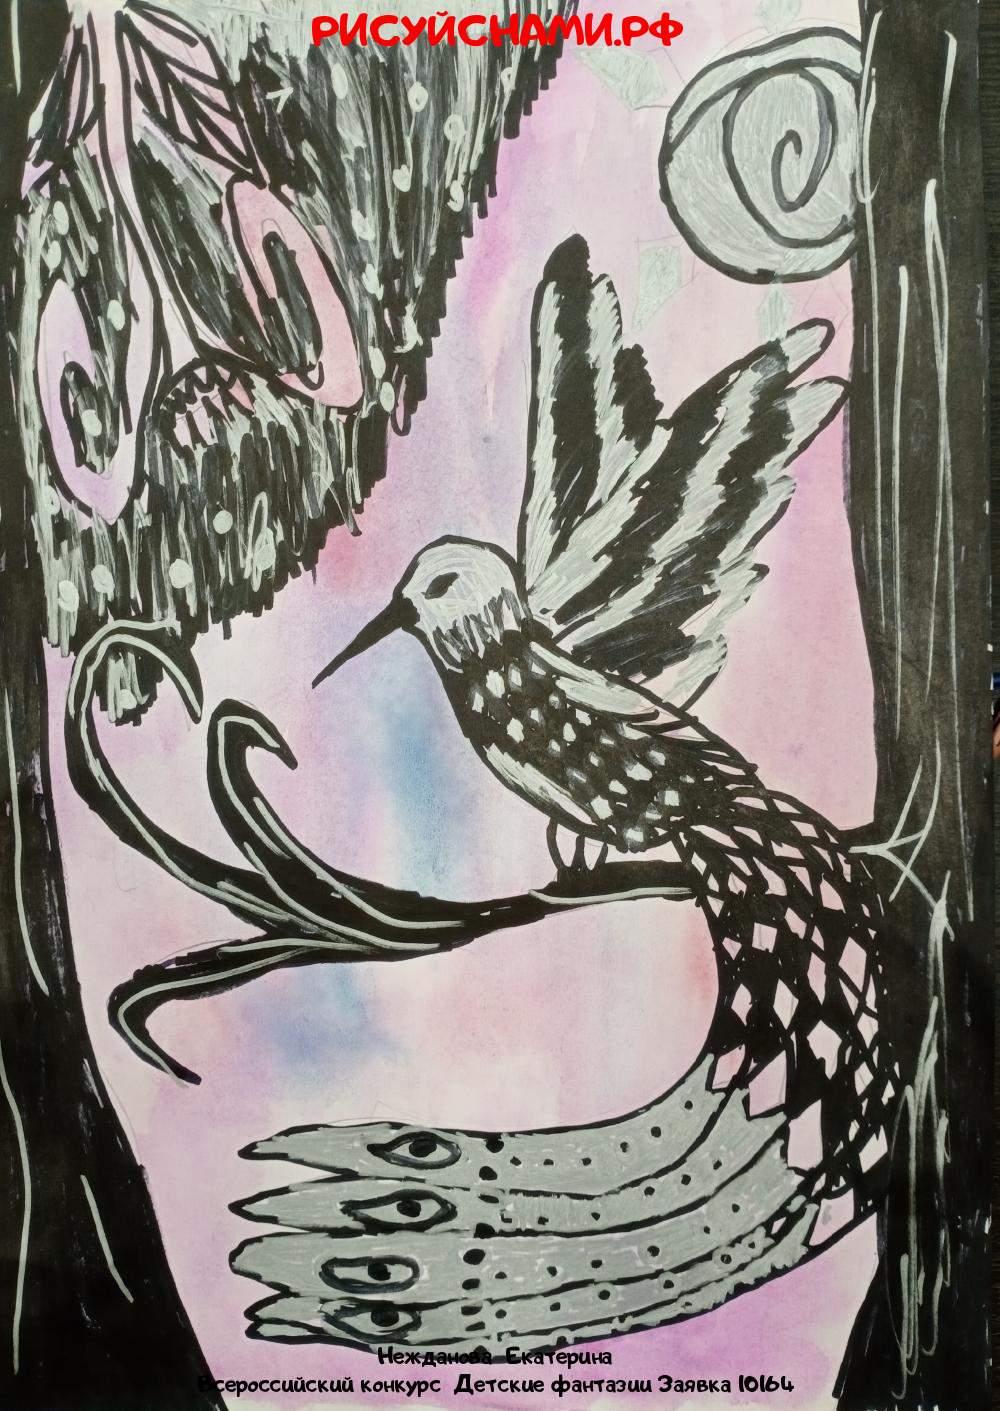 Всероссийский конкурс  Детские фантазии Заявка 10164  творческие конкурсы рисунков для школьников и дошкольников рисуй с нами #тмрисуйснами рисунок и поделка - Нежданова  Екатерина